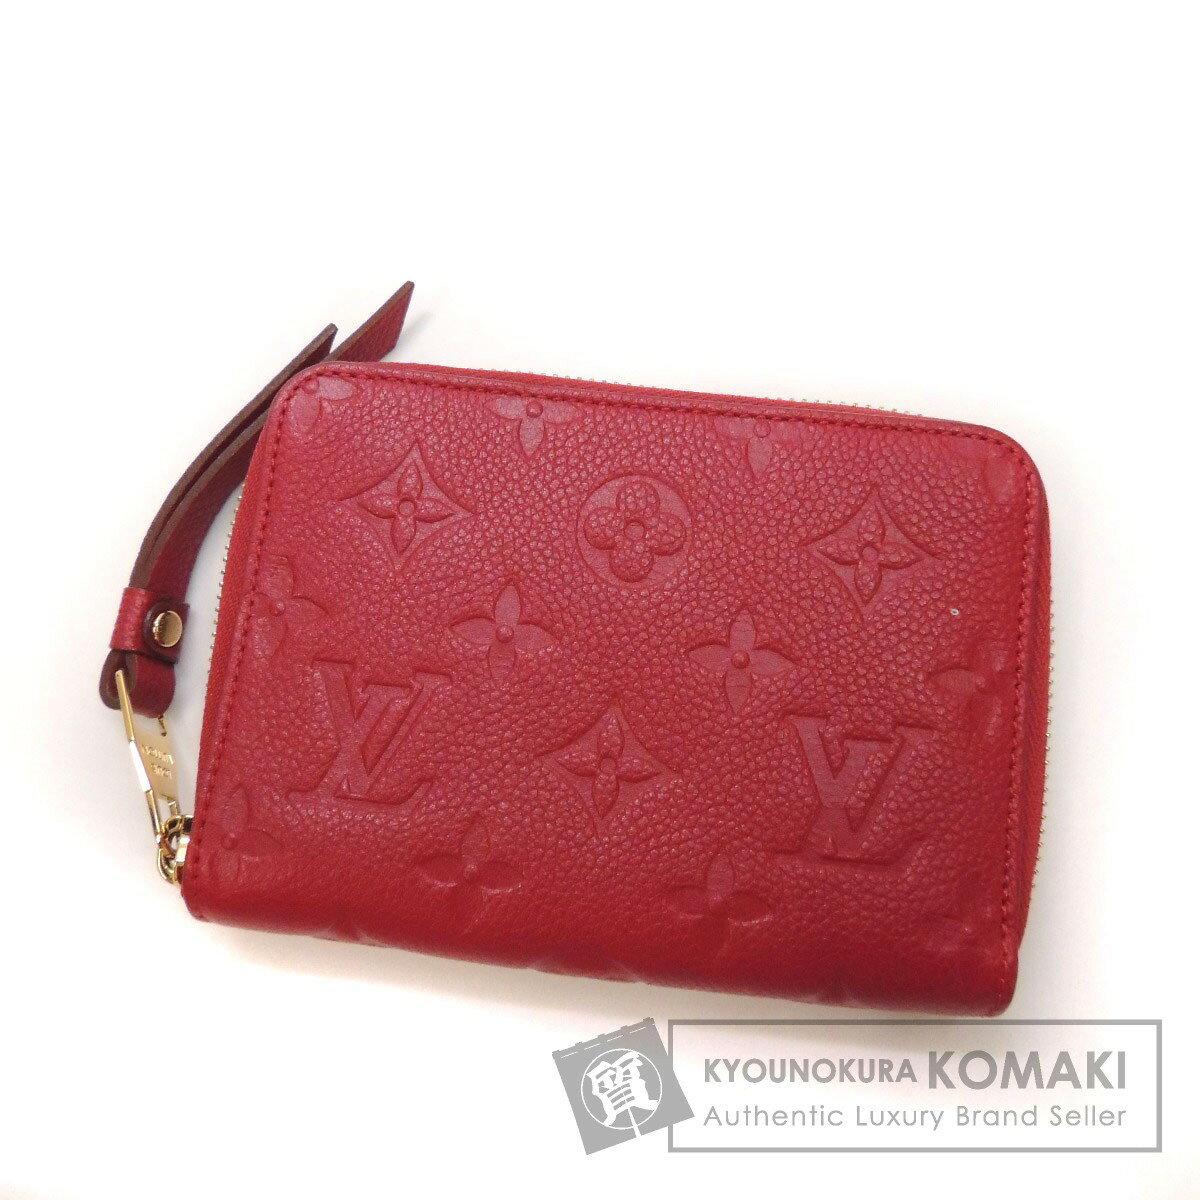 LOUIS VUITTON コンパクトジップ 二つ折り財布(小銭入れあり) アンプラント レディース 【中古】【ルイ・ヴィトン】